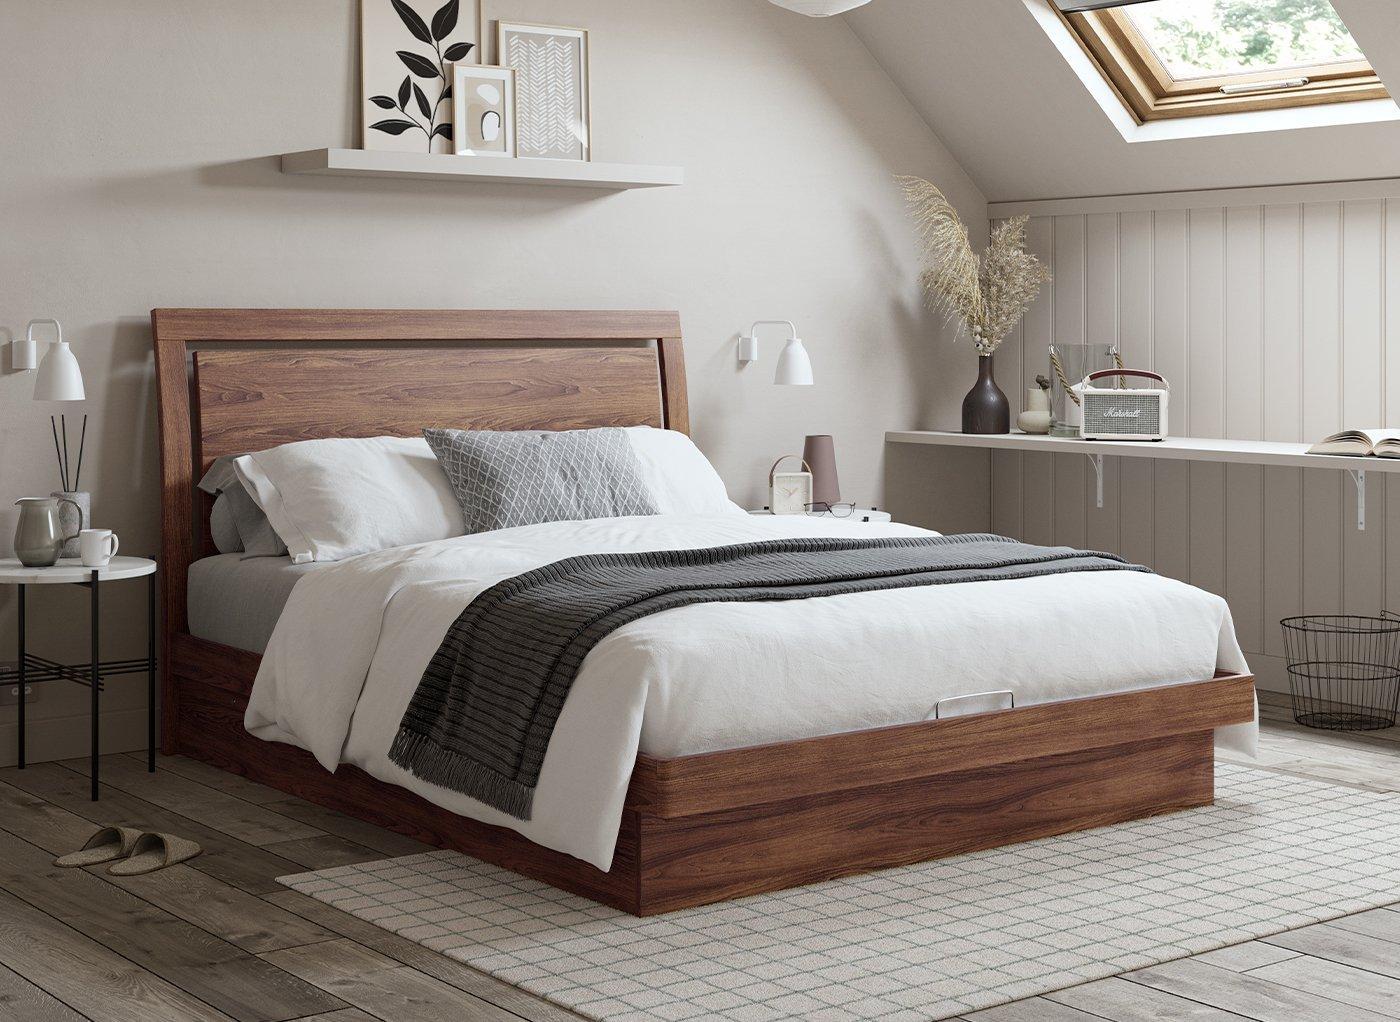 isabella-platform-ottoman-bed-frame